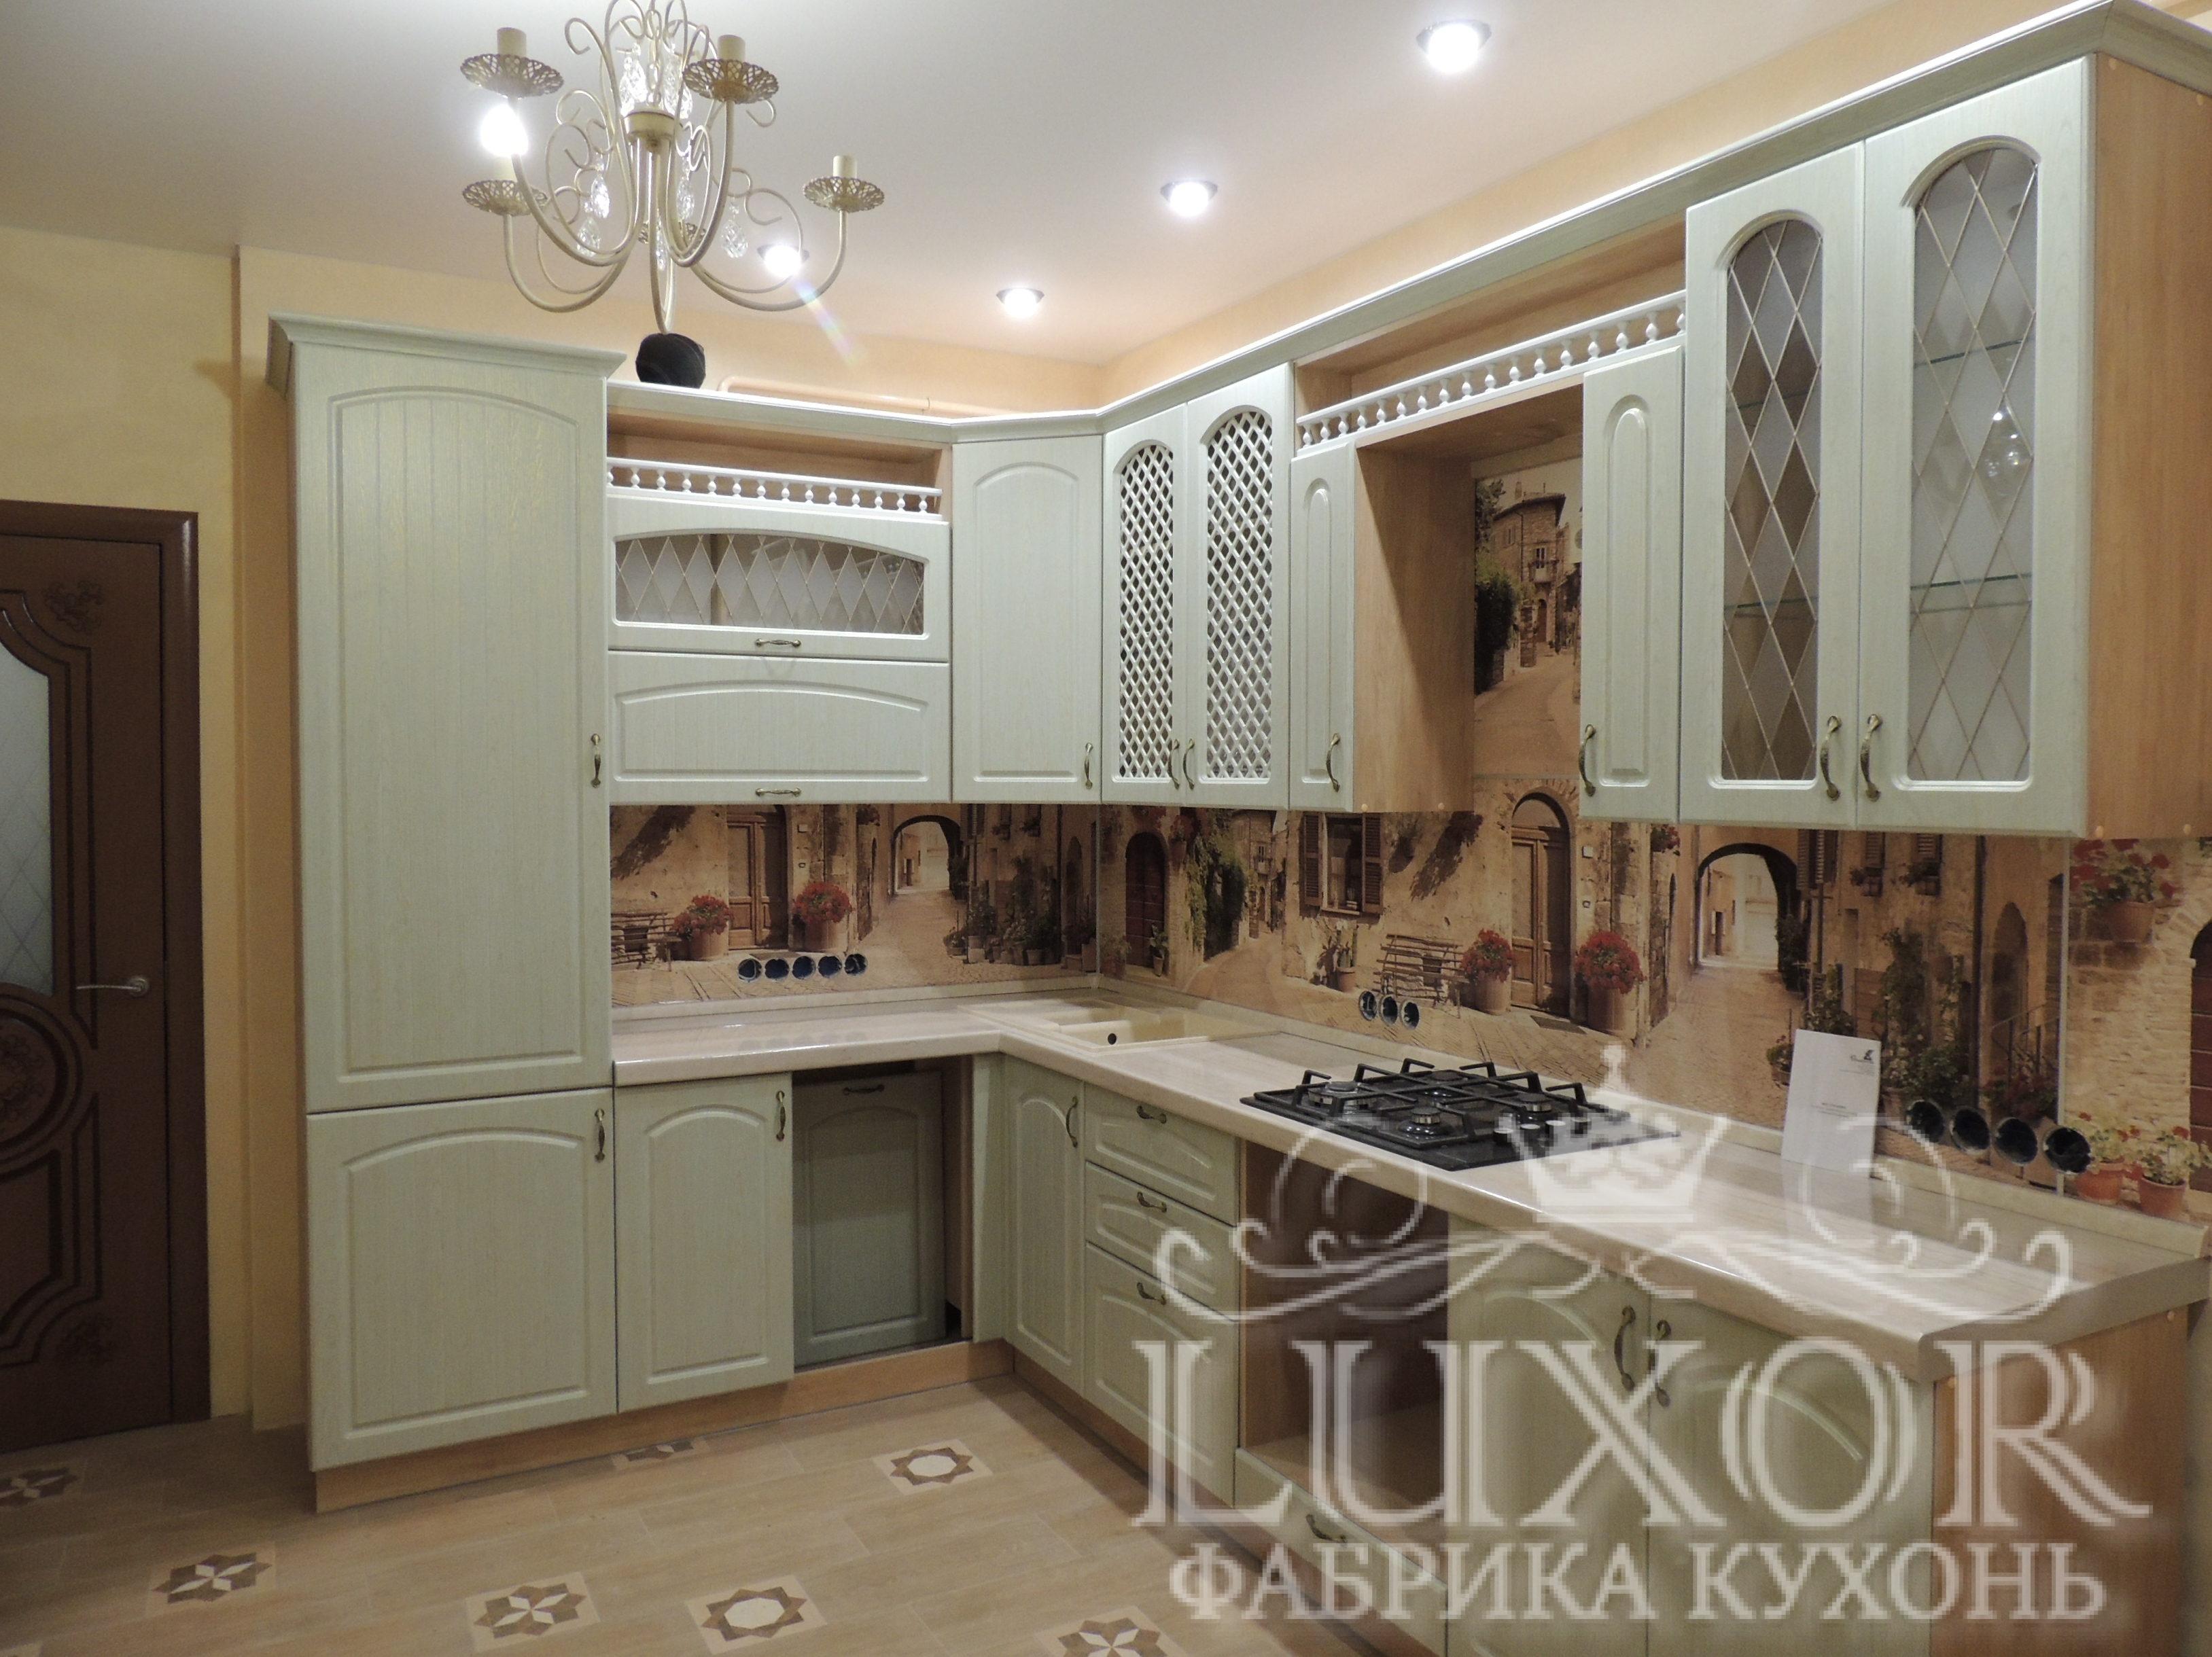 Кухня Элисо - изображение